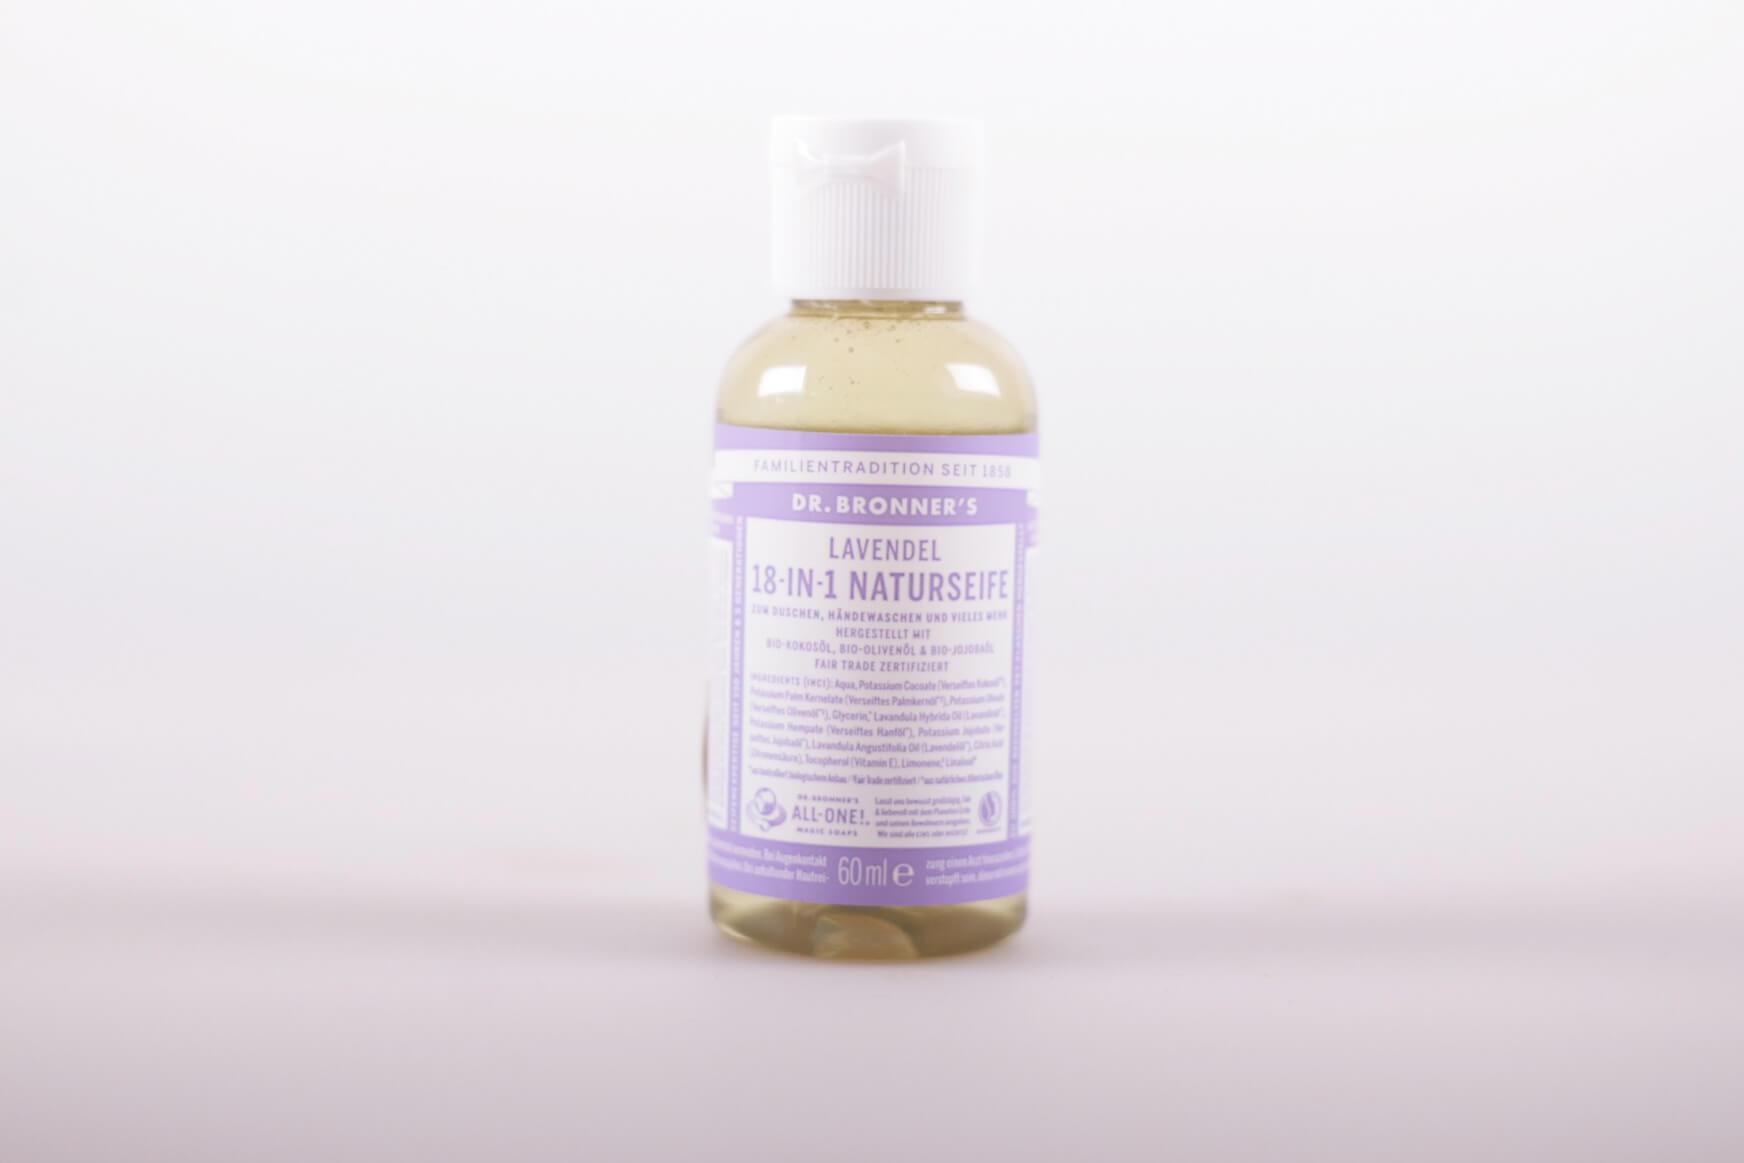 Dr. Bronner's 18-IN-1 Naturseife Lavendel 60ml